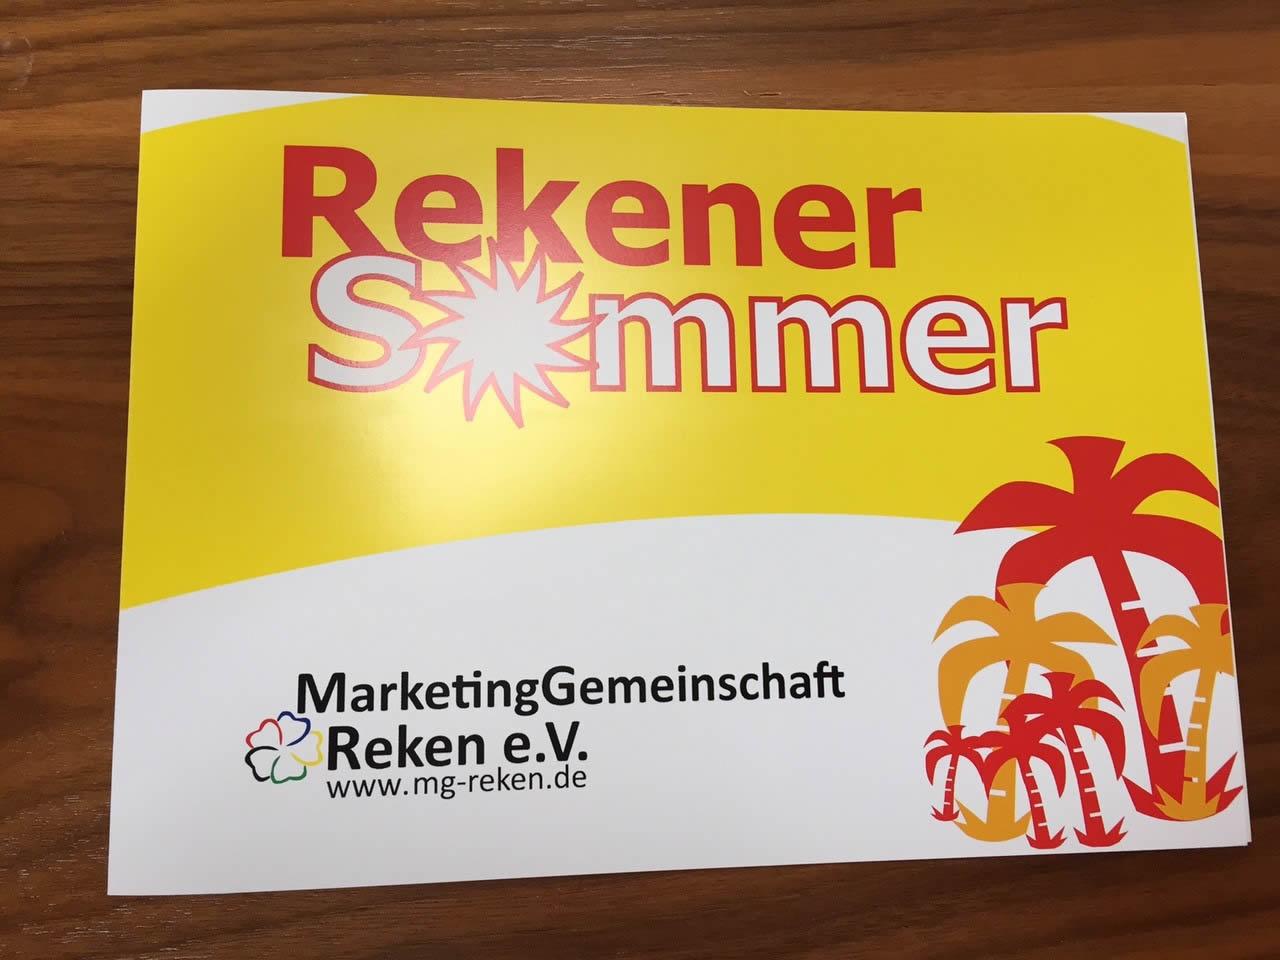 Rekener Sommer 2015